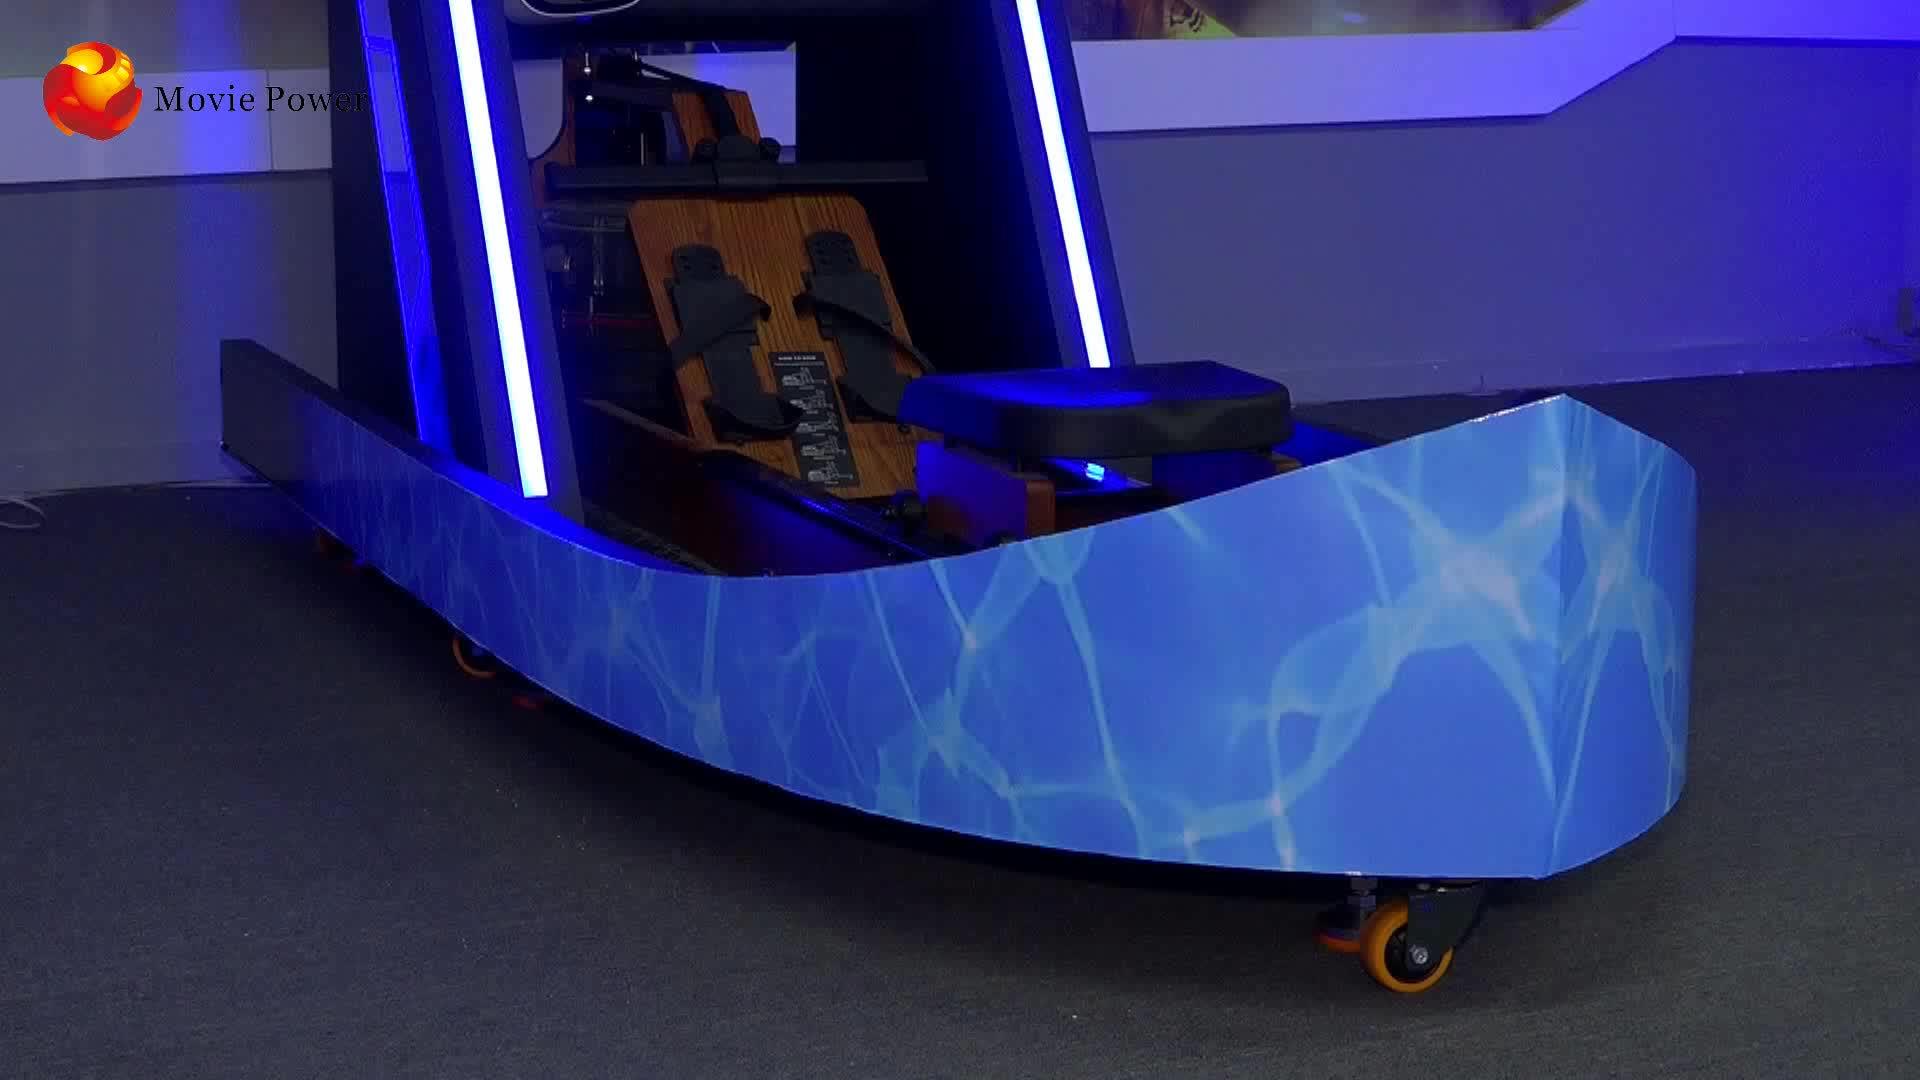 Plataforma de movimento Ginásio Corpo Forte 9D Vr Rafting Barco Simulador de Máquina de Fitness Equipamentos de Exercício de Realidade Virtual